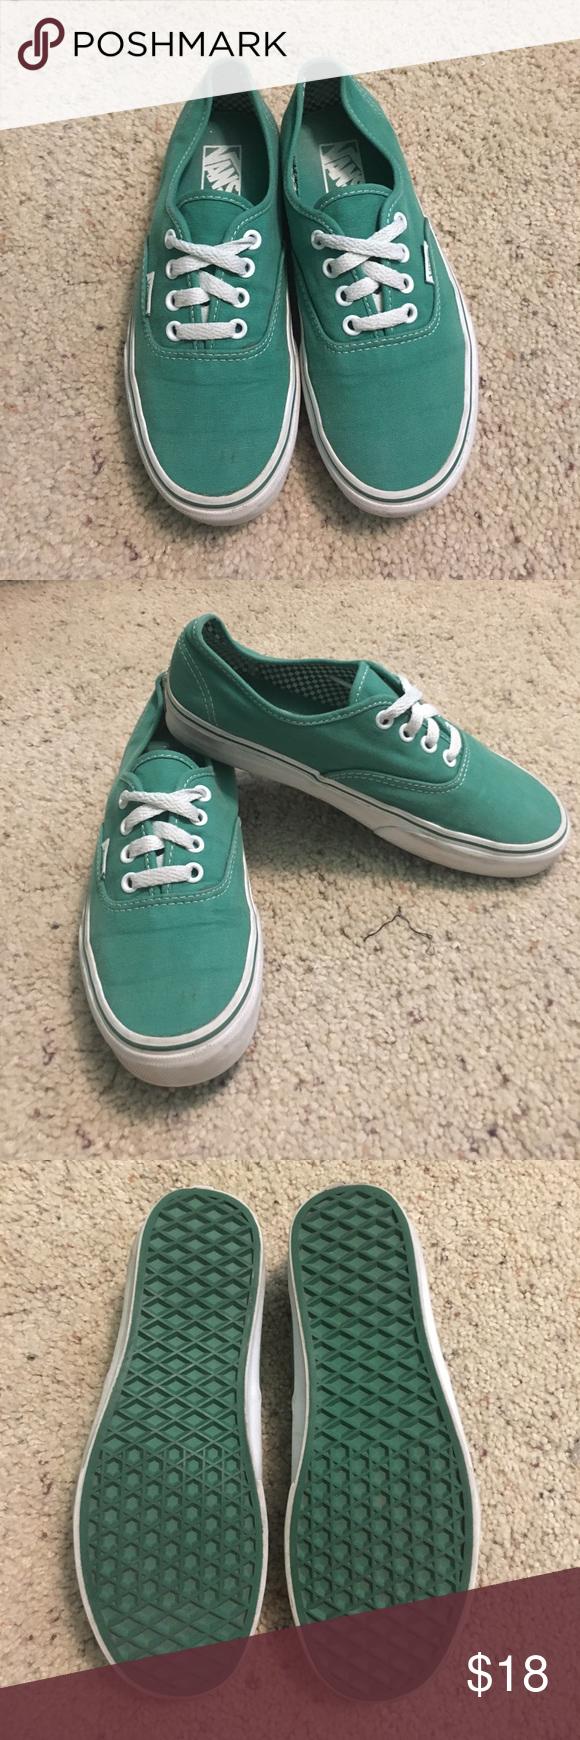 Green Vans | Green vans, Vans, Sneakers